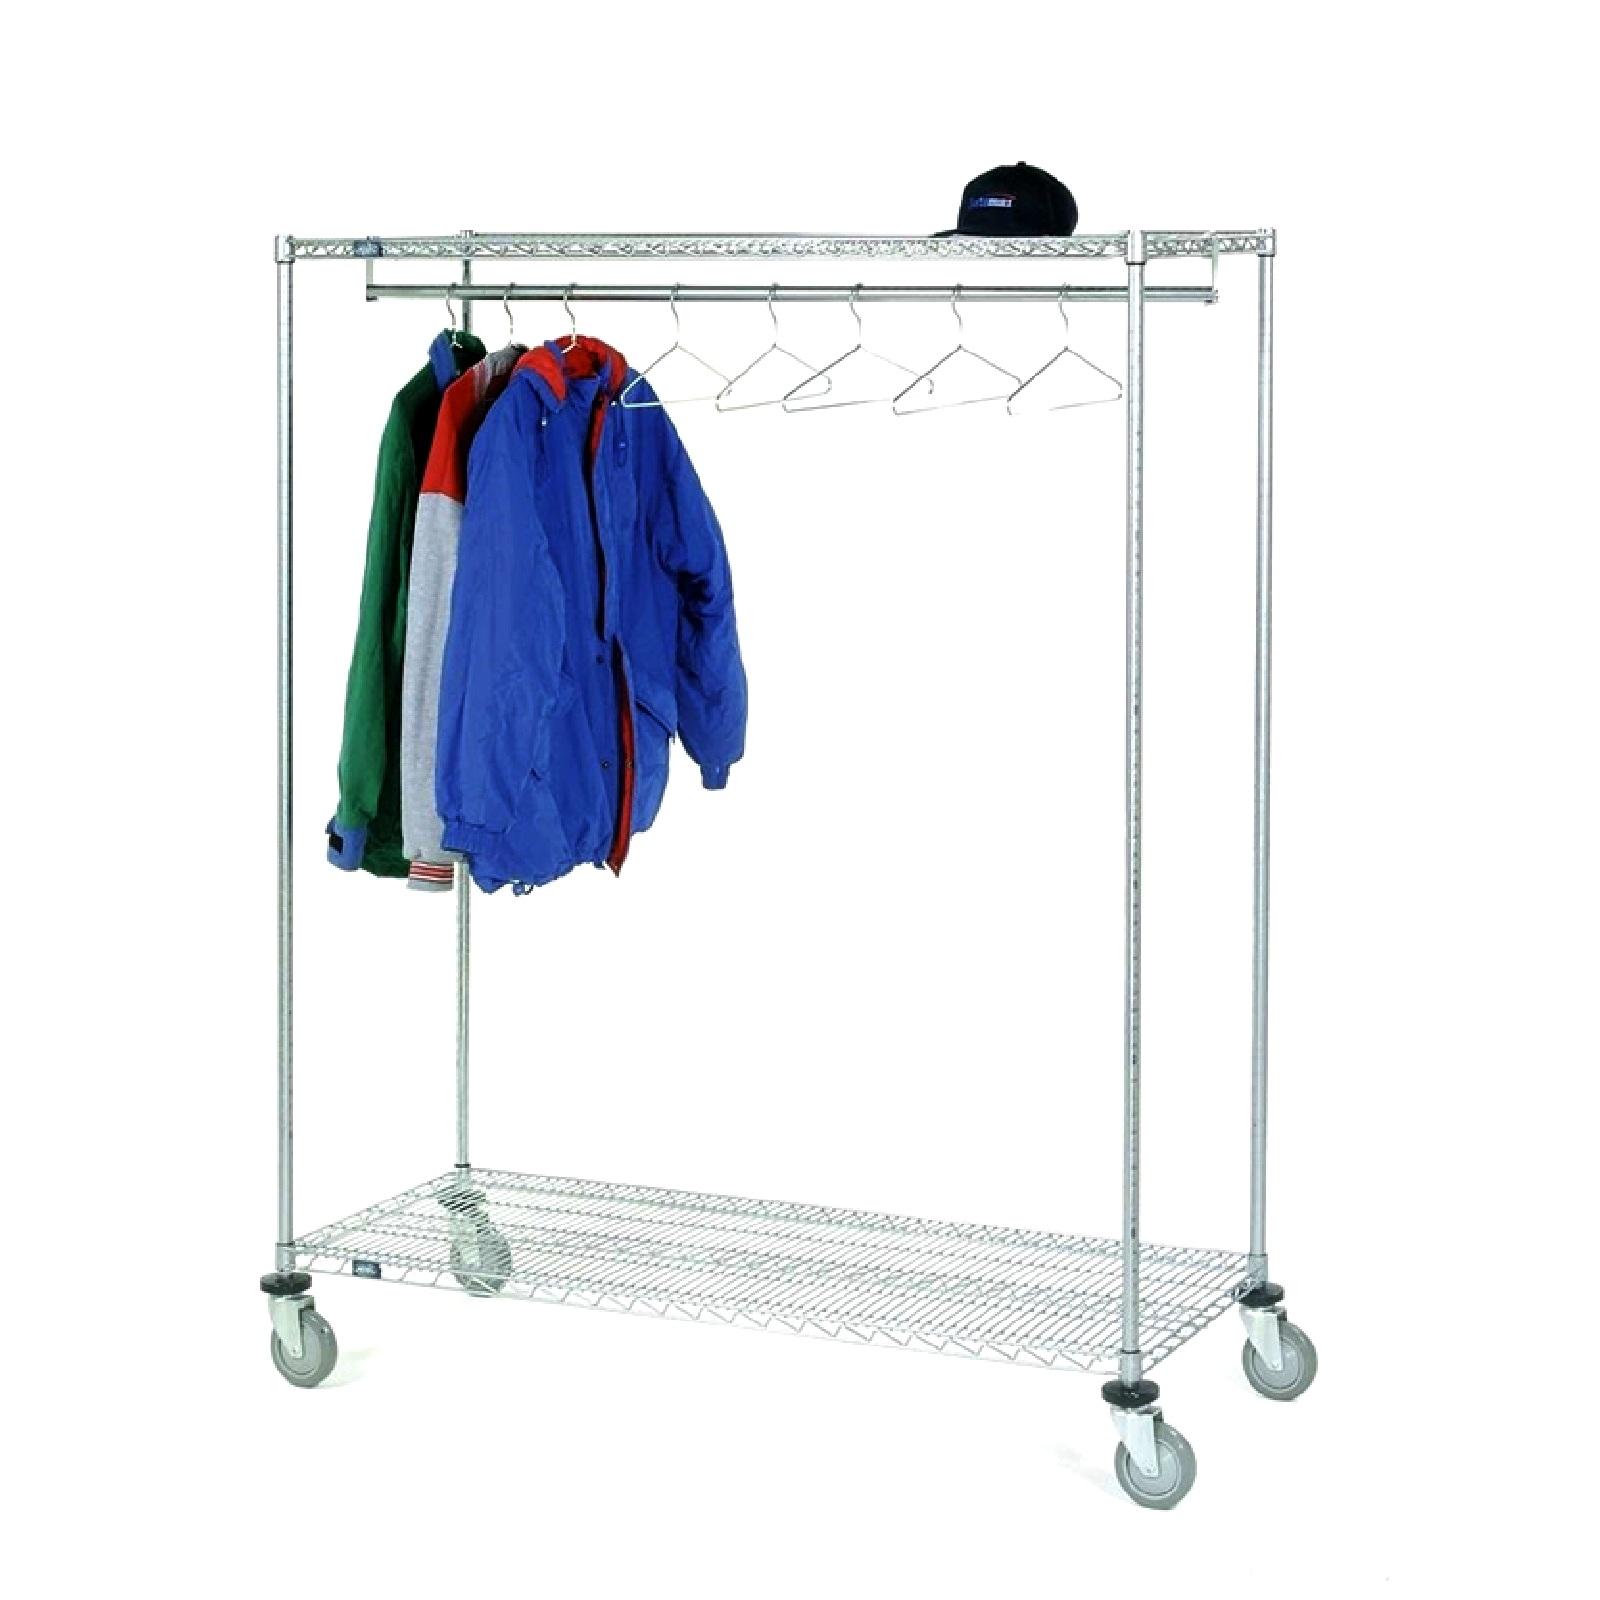 Carrello porta abiti in acciaio per capi appesi - Porta abiti con ruote ...